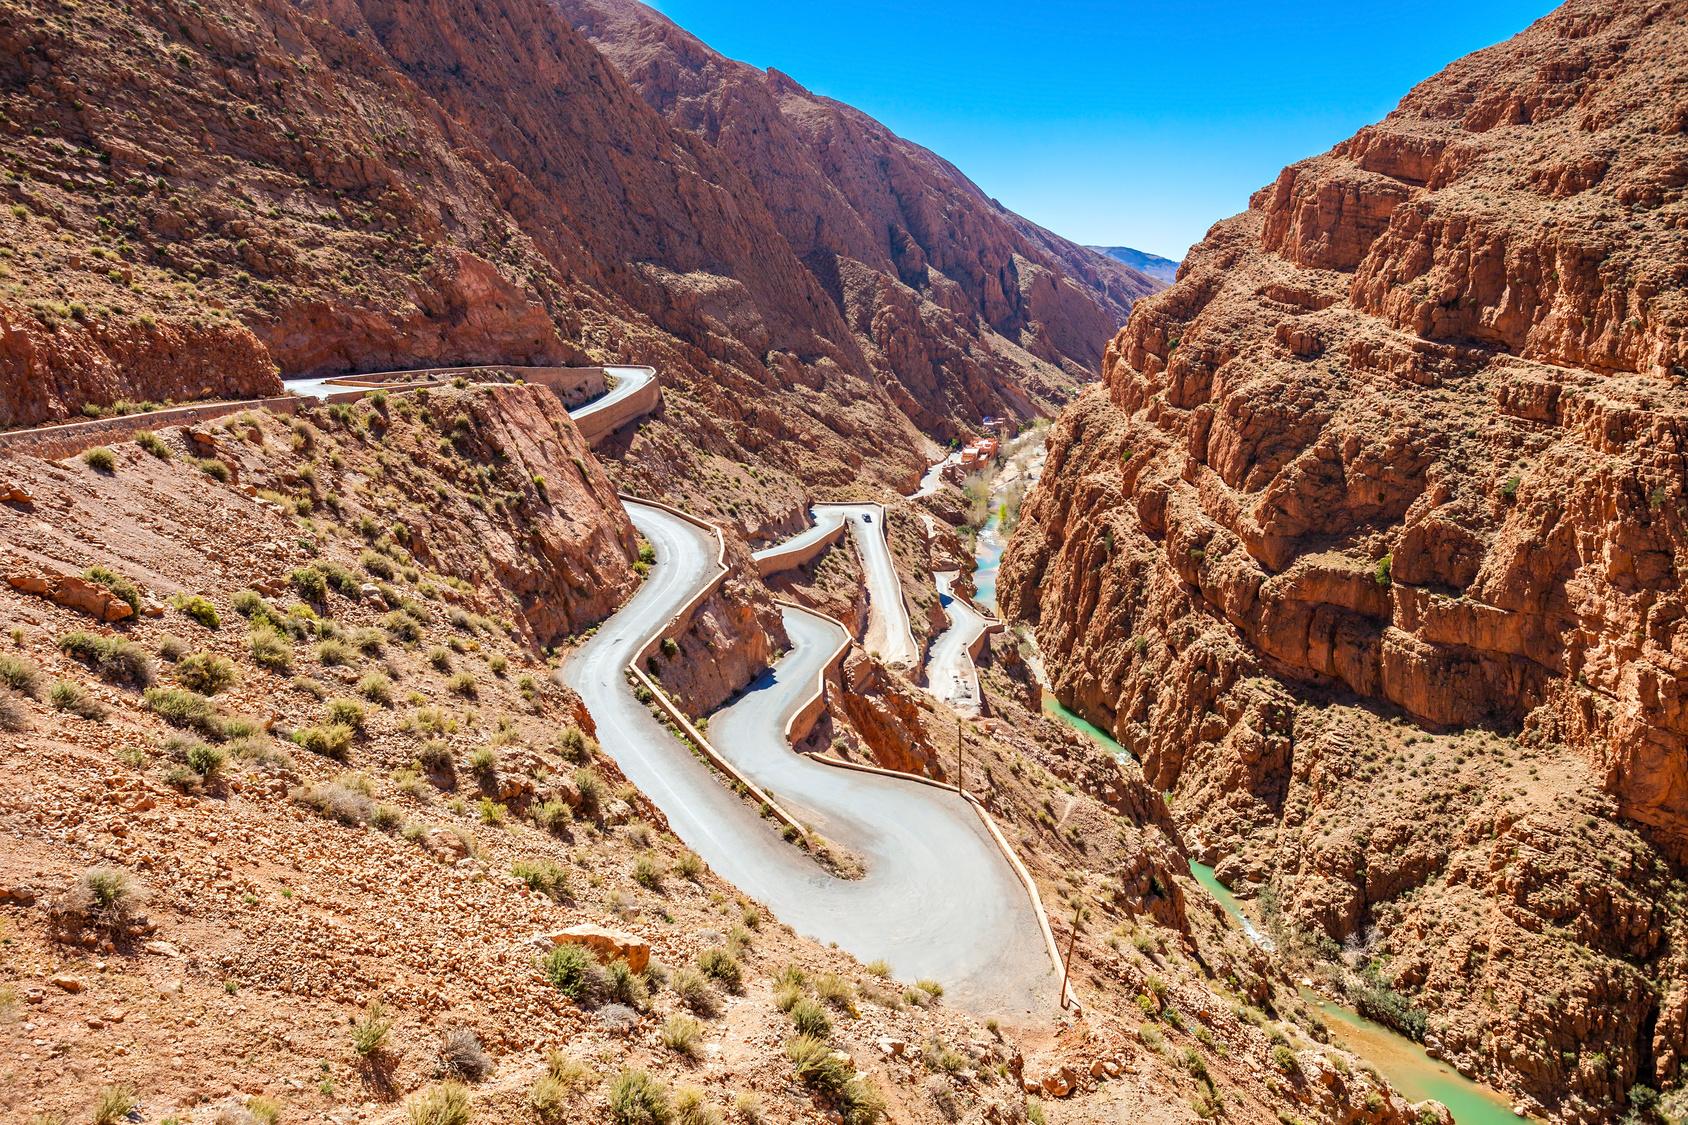 Dades Canyon